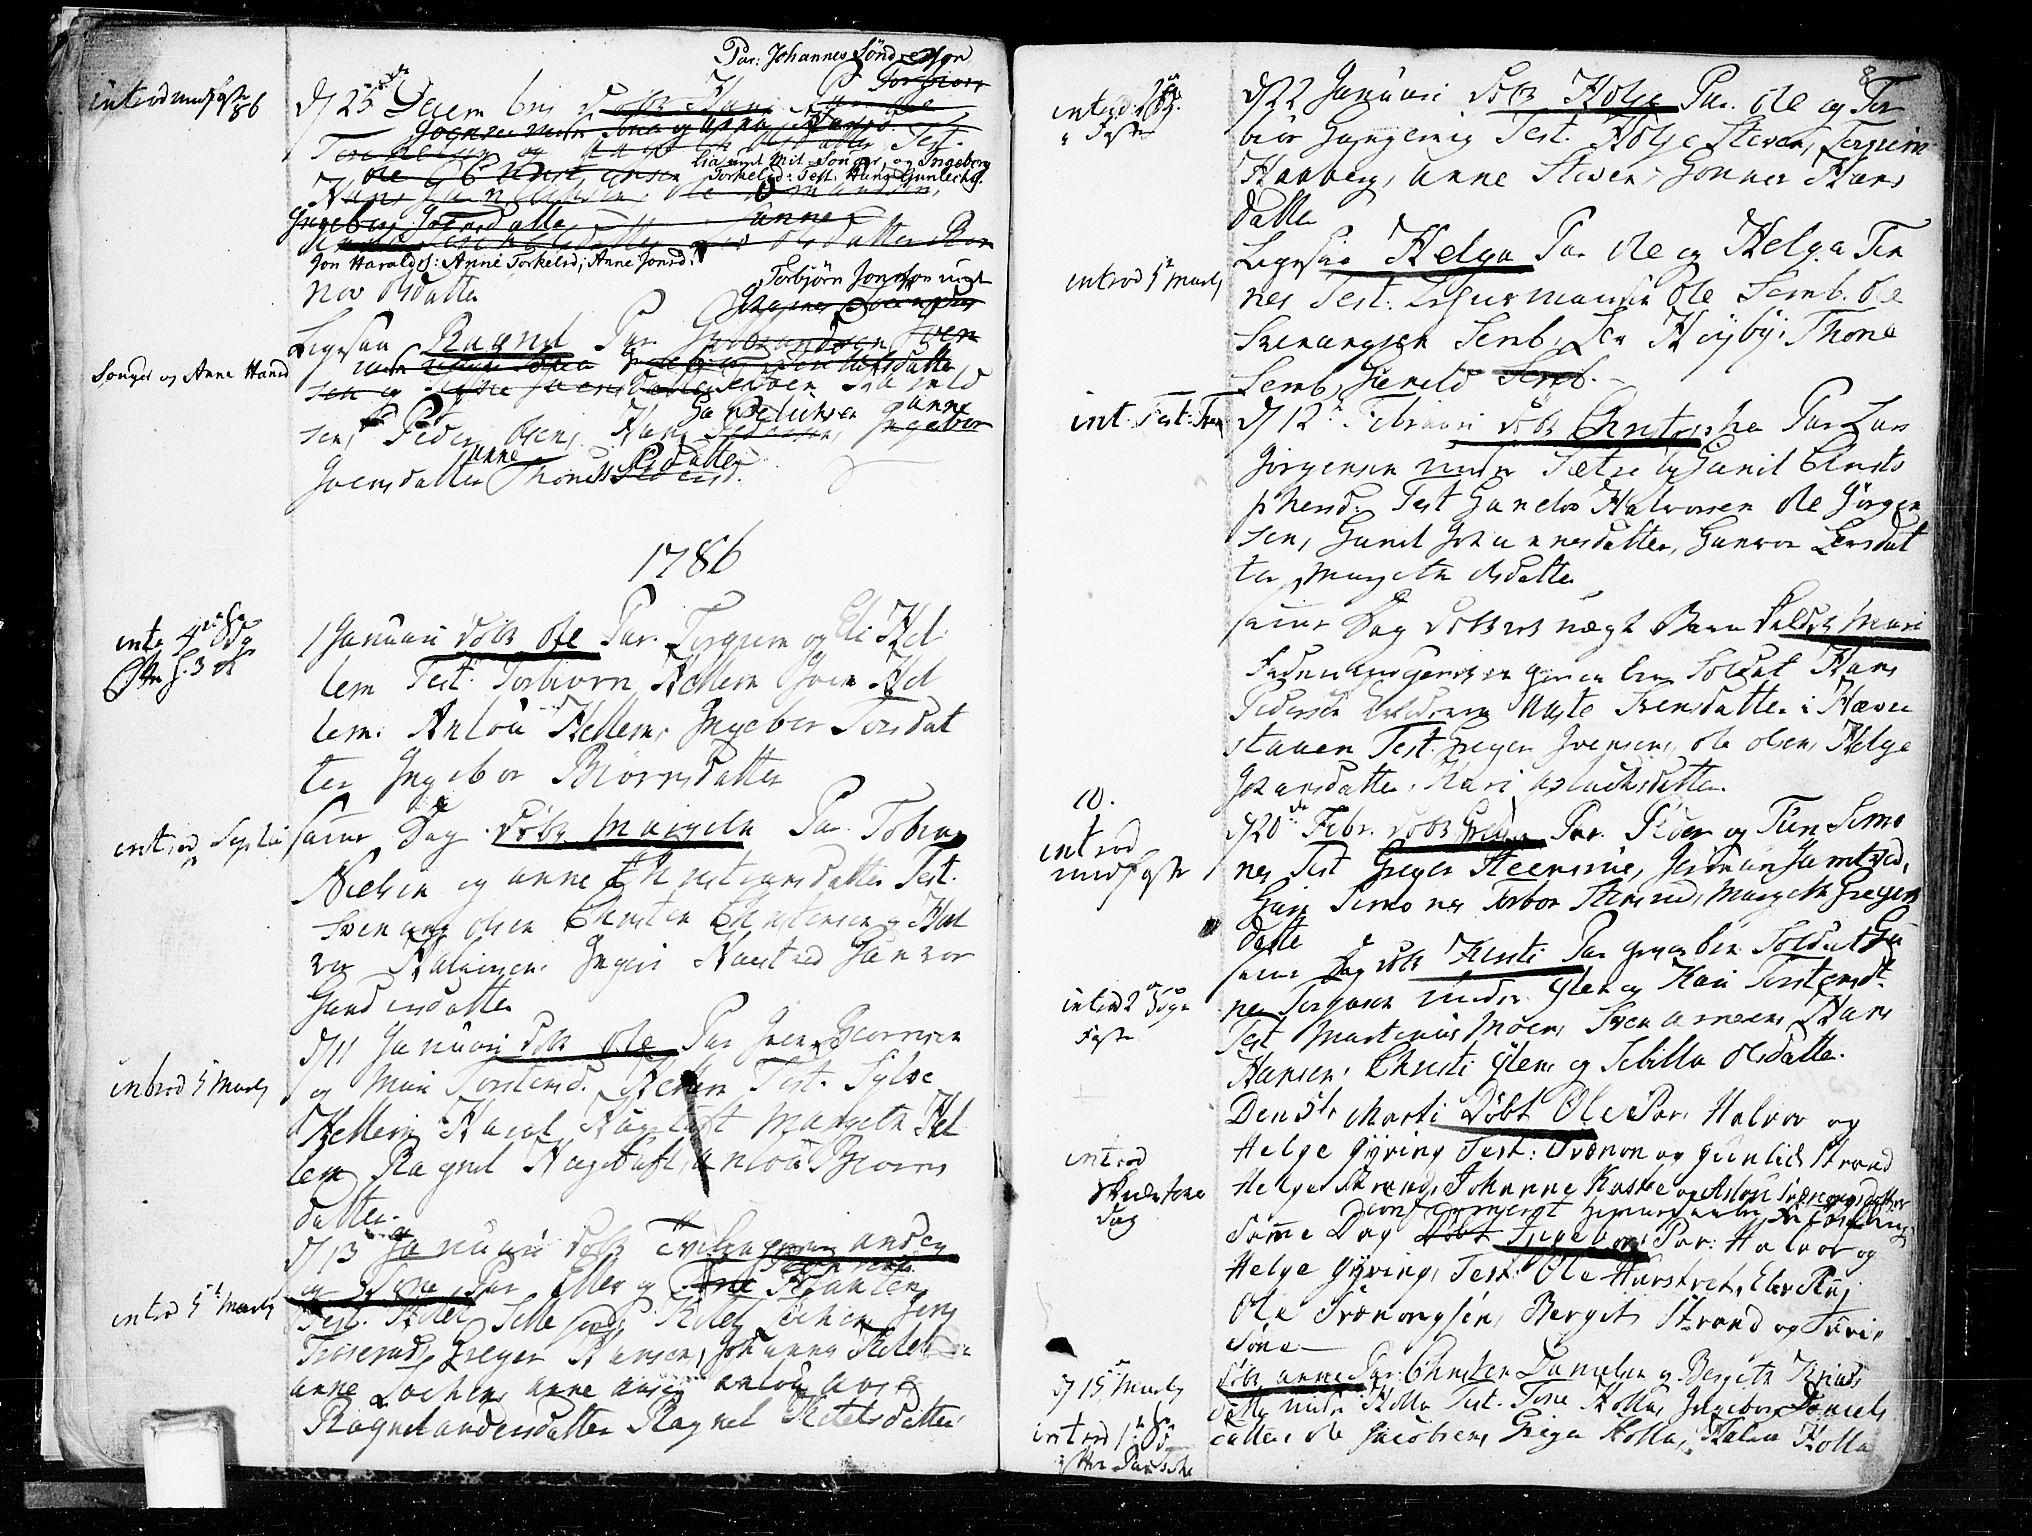 SAKO, Heddal kirkebøker, F/Fa/L0004: Ministerialbok nr. I 4, 1784-1814, s. 8